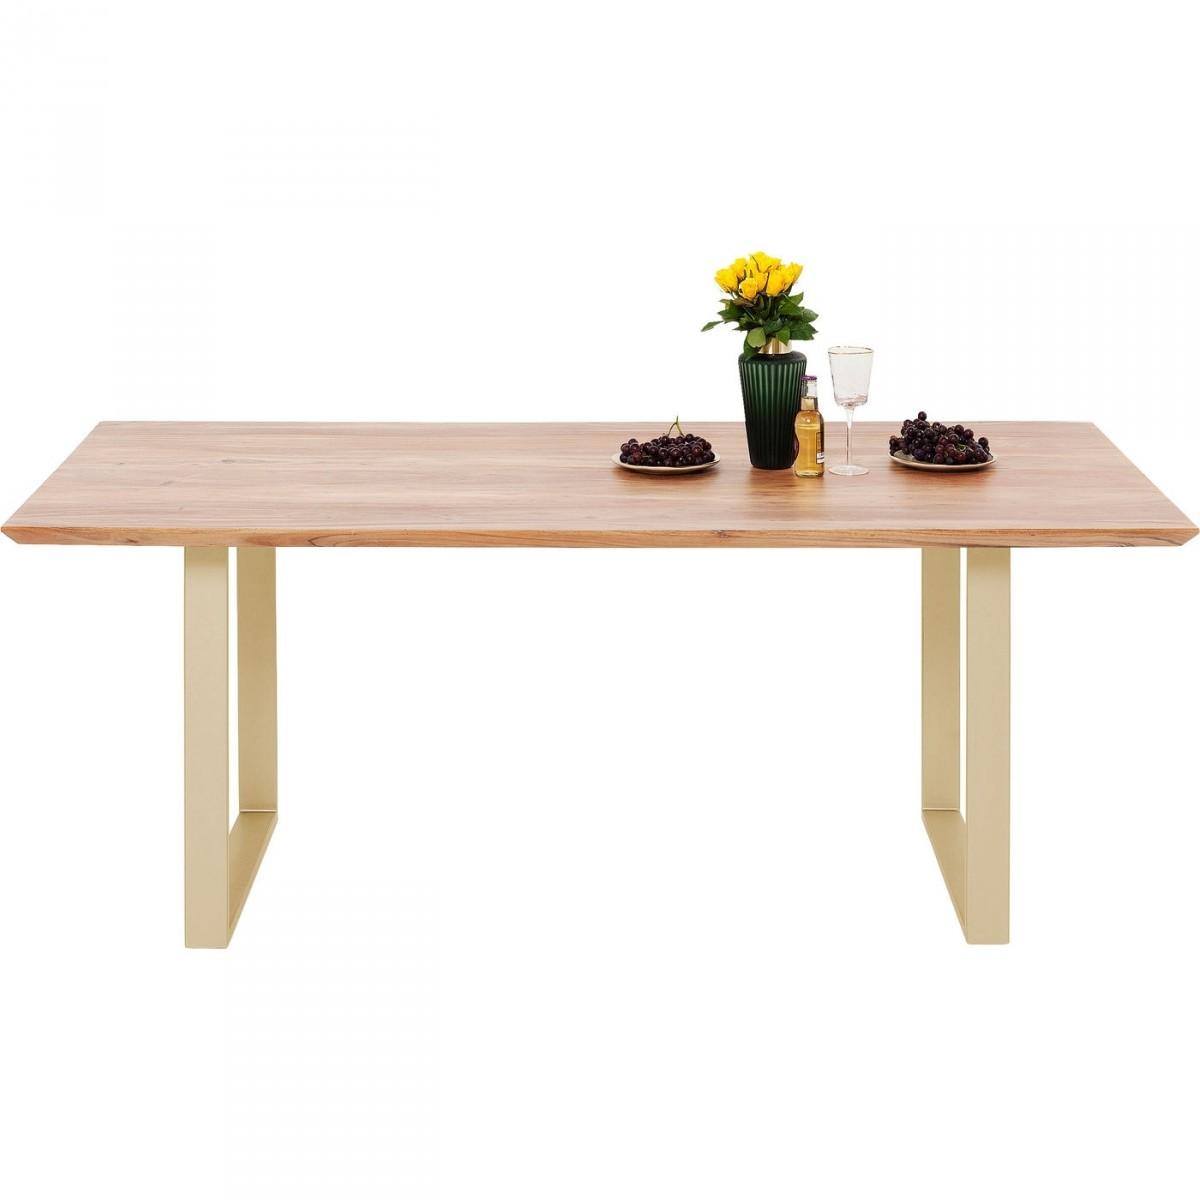 KARE DESIGN rektangulær Symphony Brass spisebord - natur træ og messing stål (200x100)